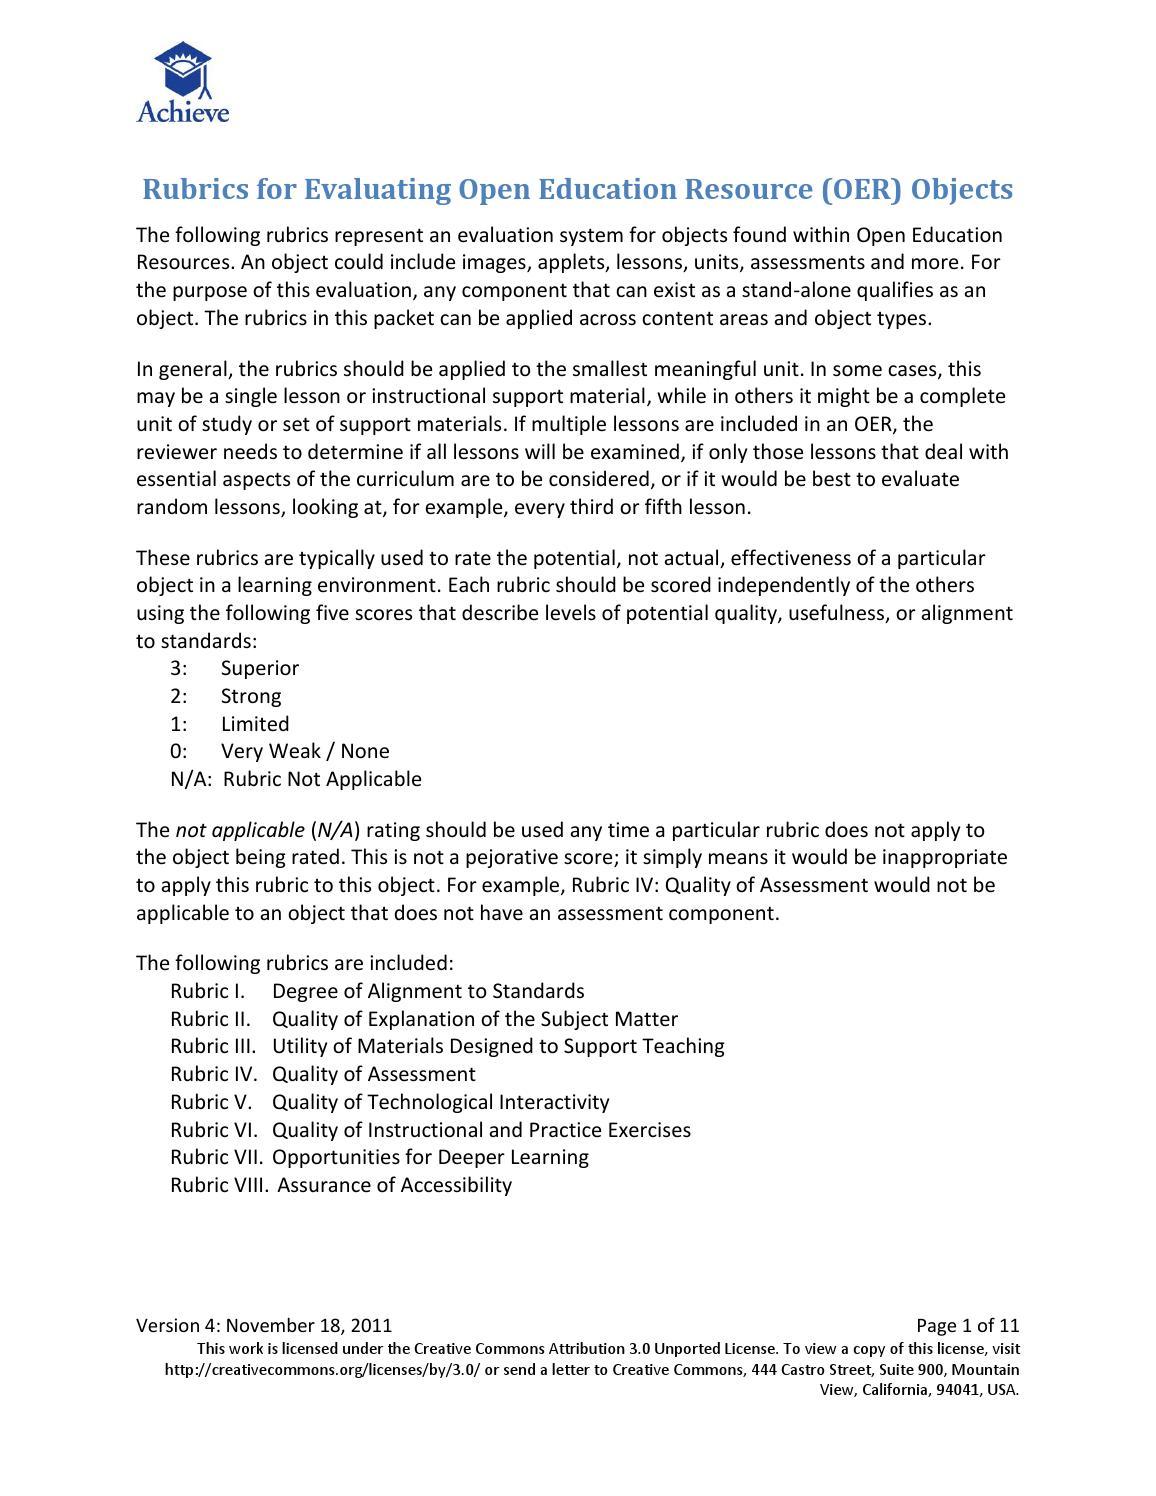 Achieve OER Rubrics by Achieve, Inc  - issuu